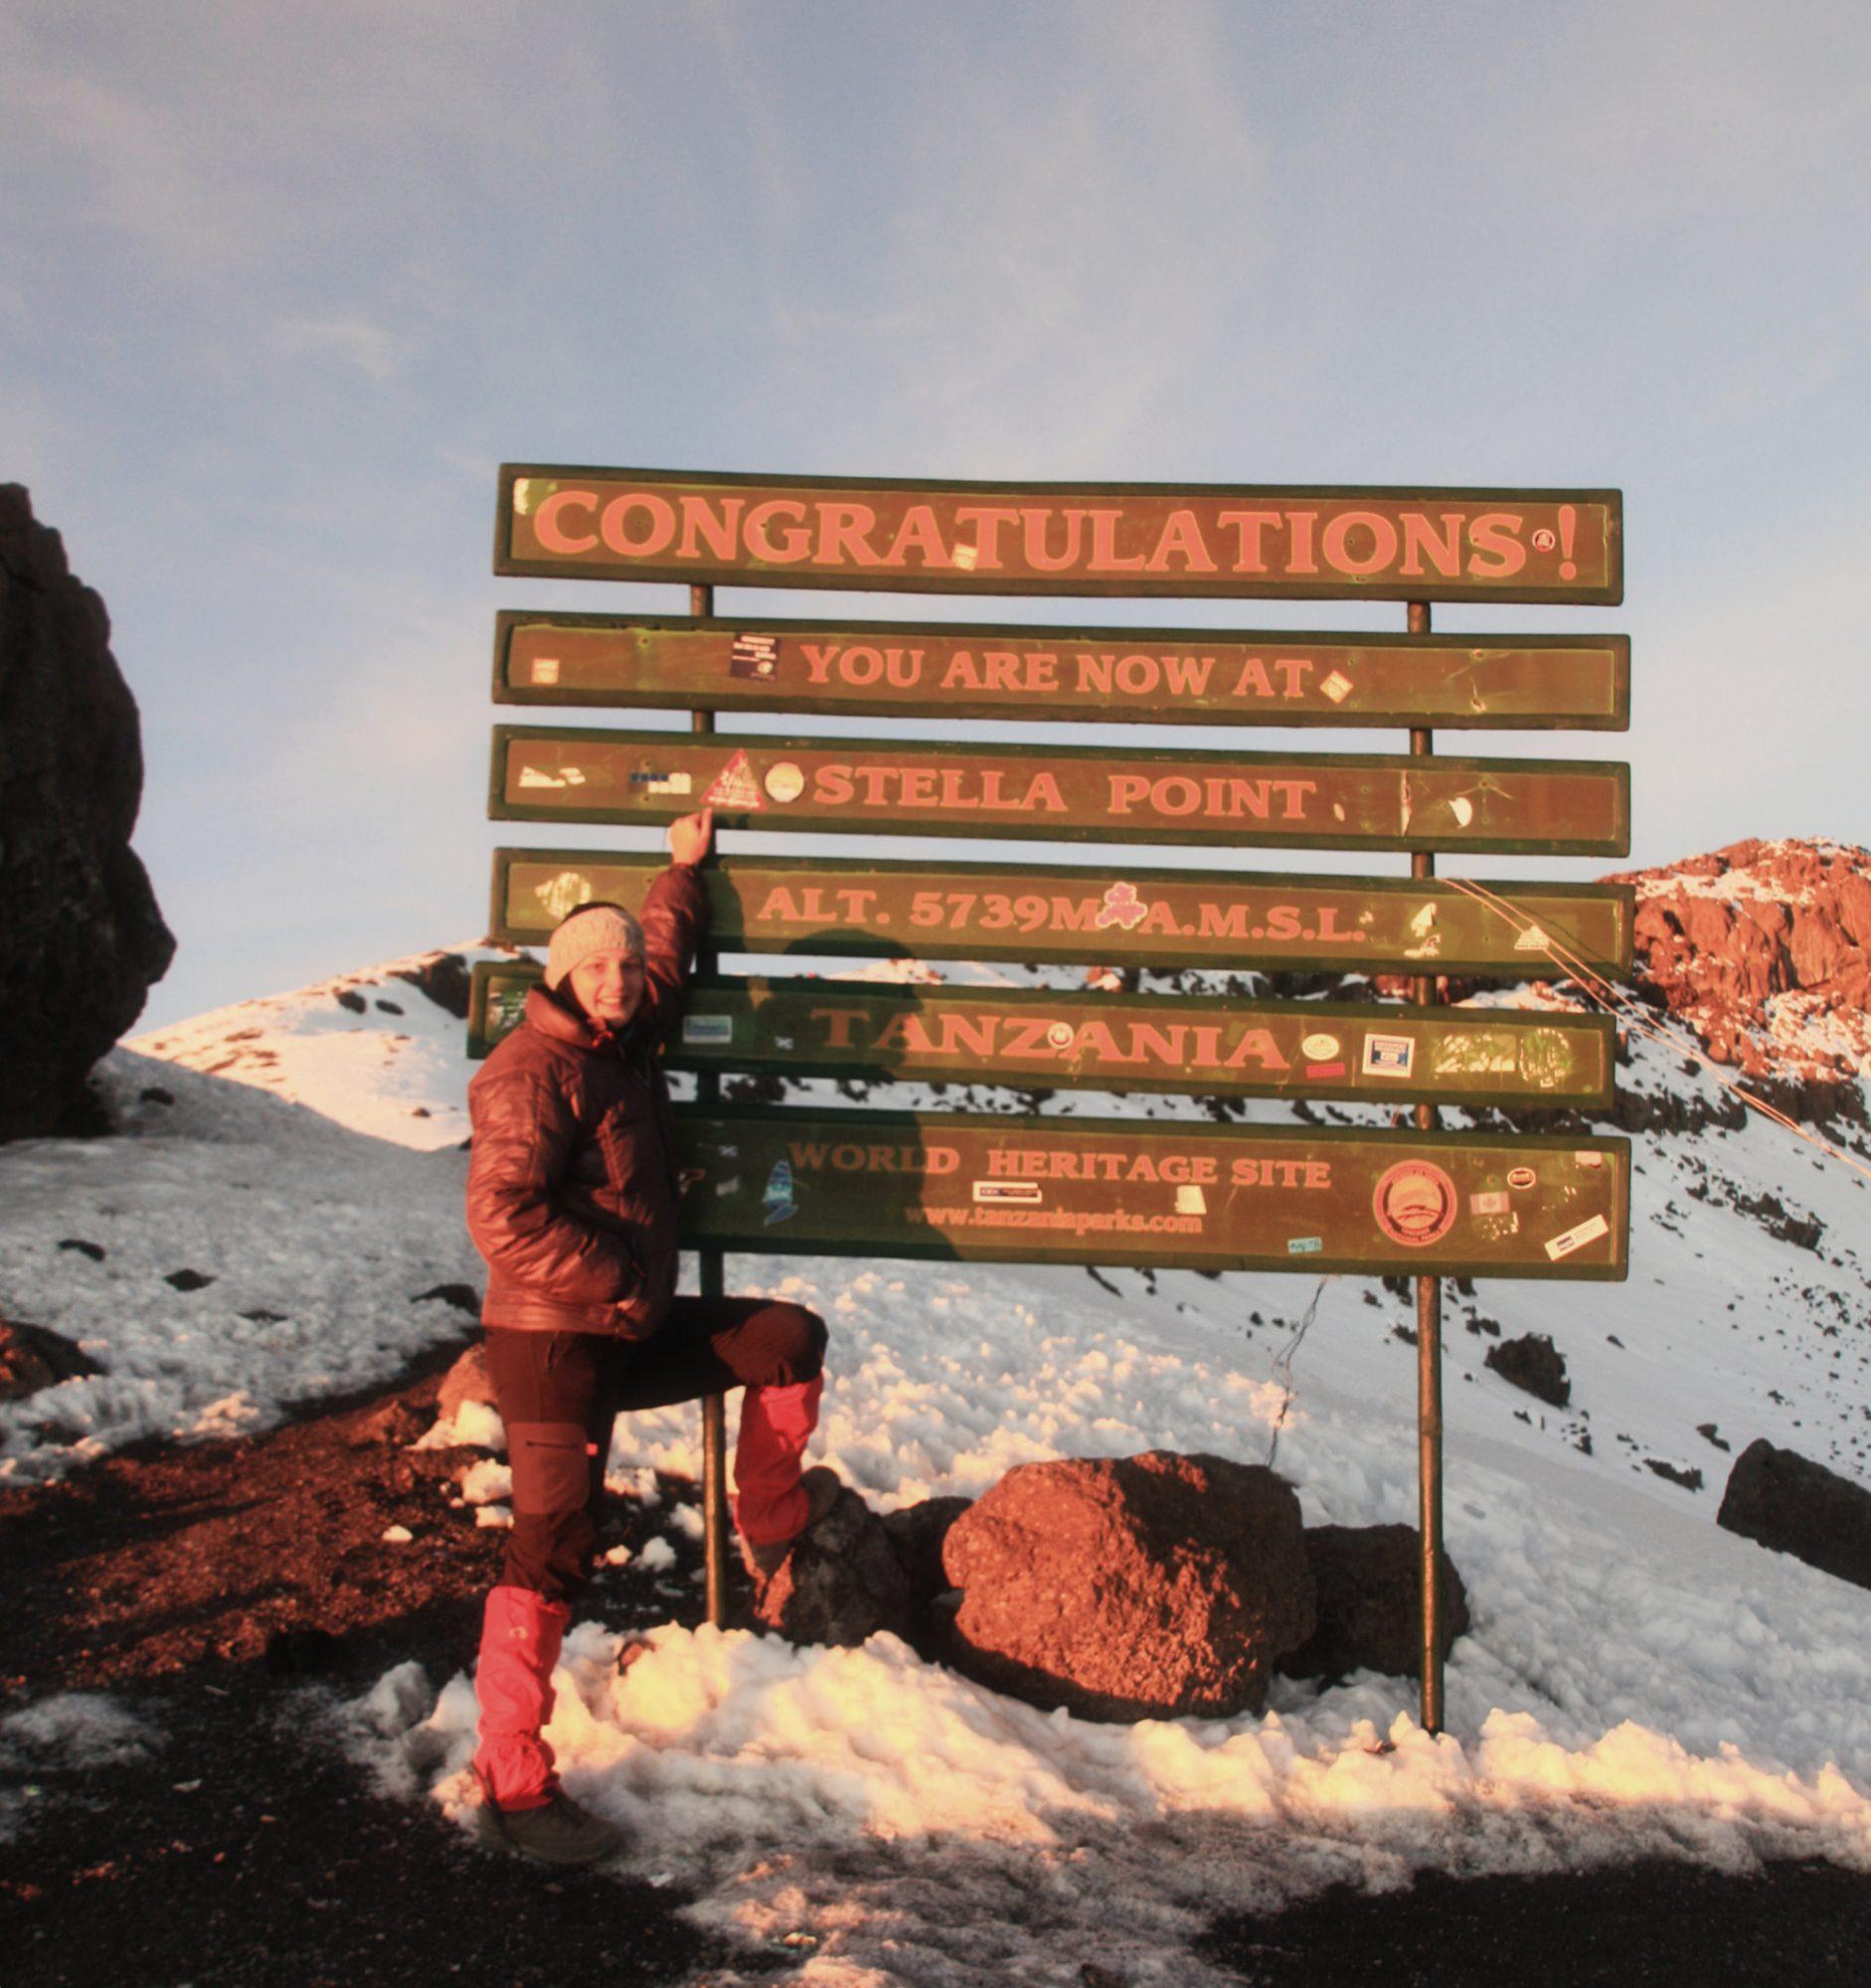 Warum die Berge glücklich machen, Bergglück, Tansania, Kilimanjaro, Stella Point